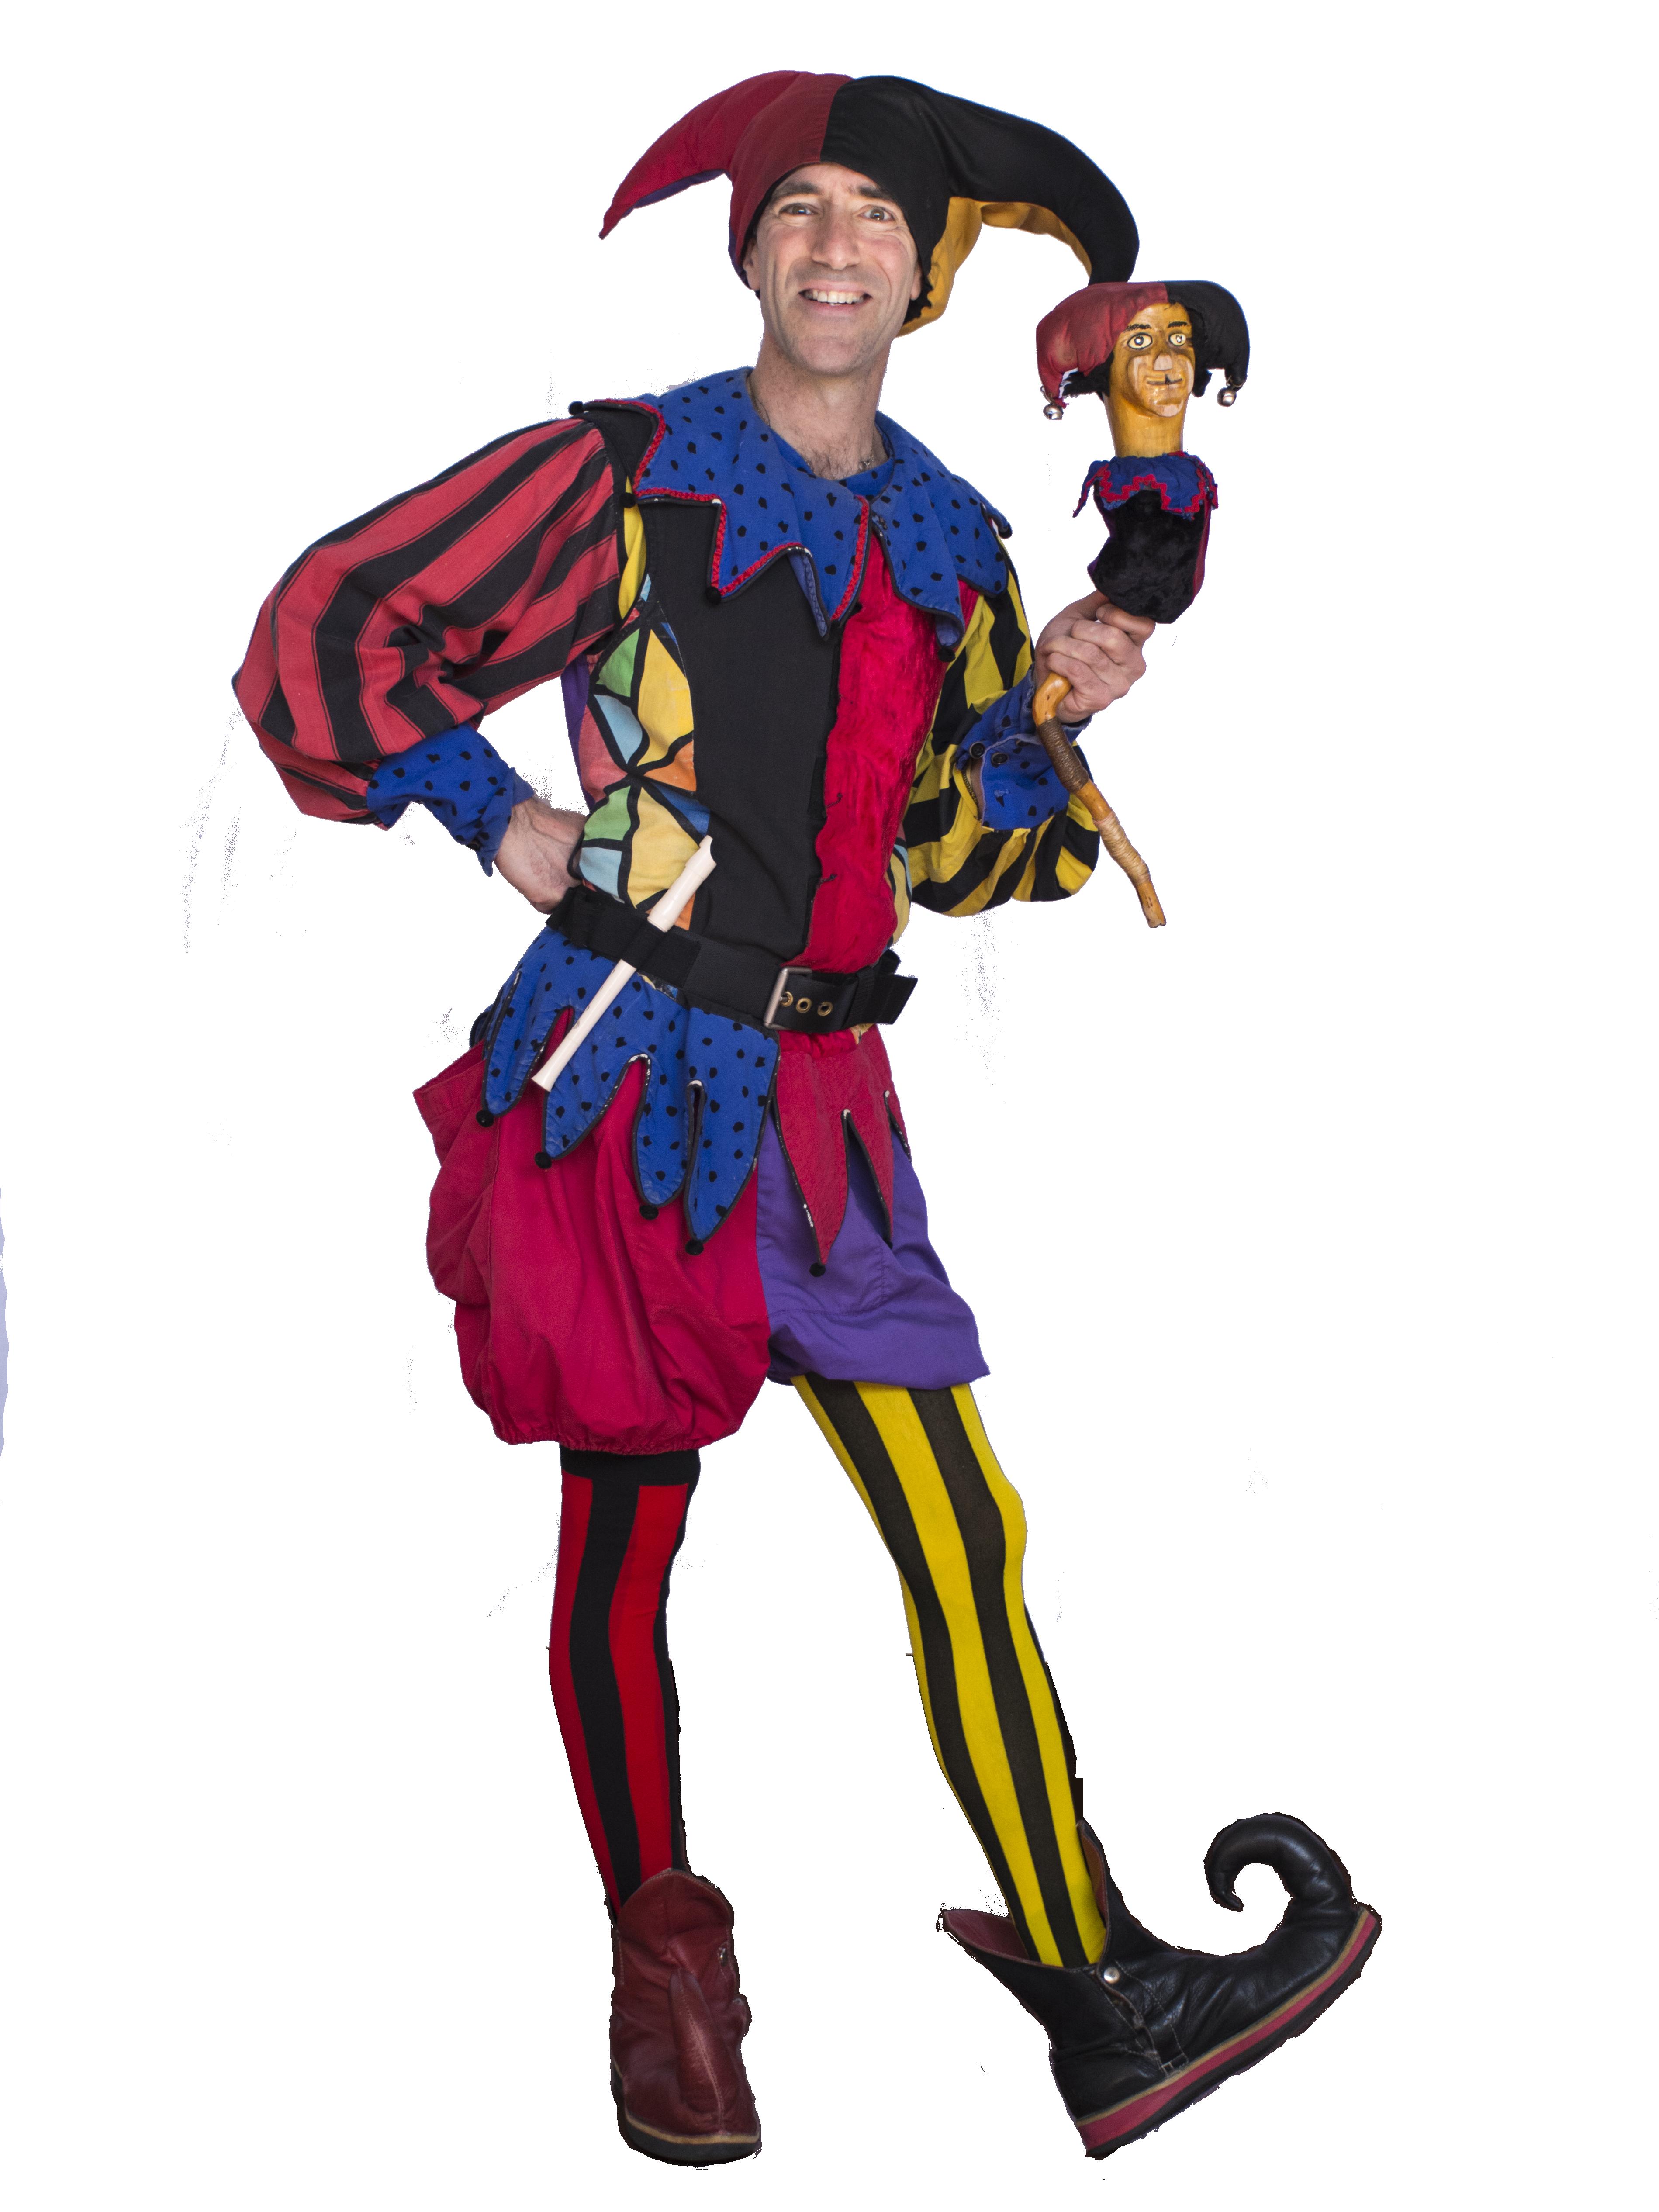 Renaissance clipart jester Jester Parties Parties Bachelorette the